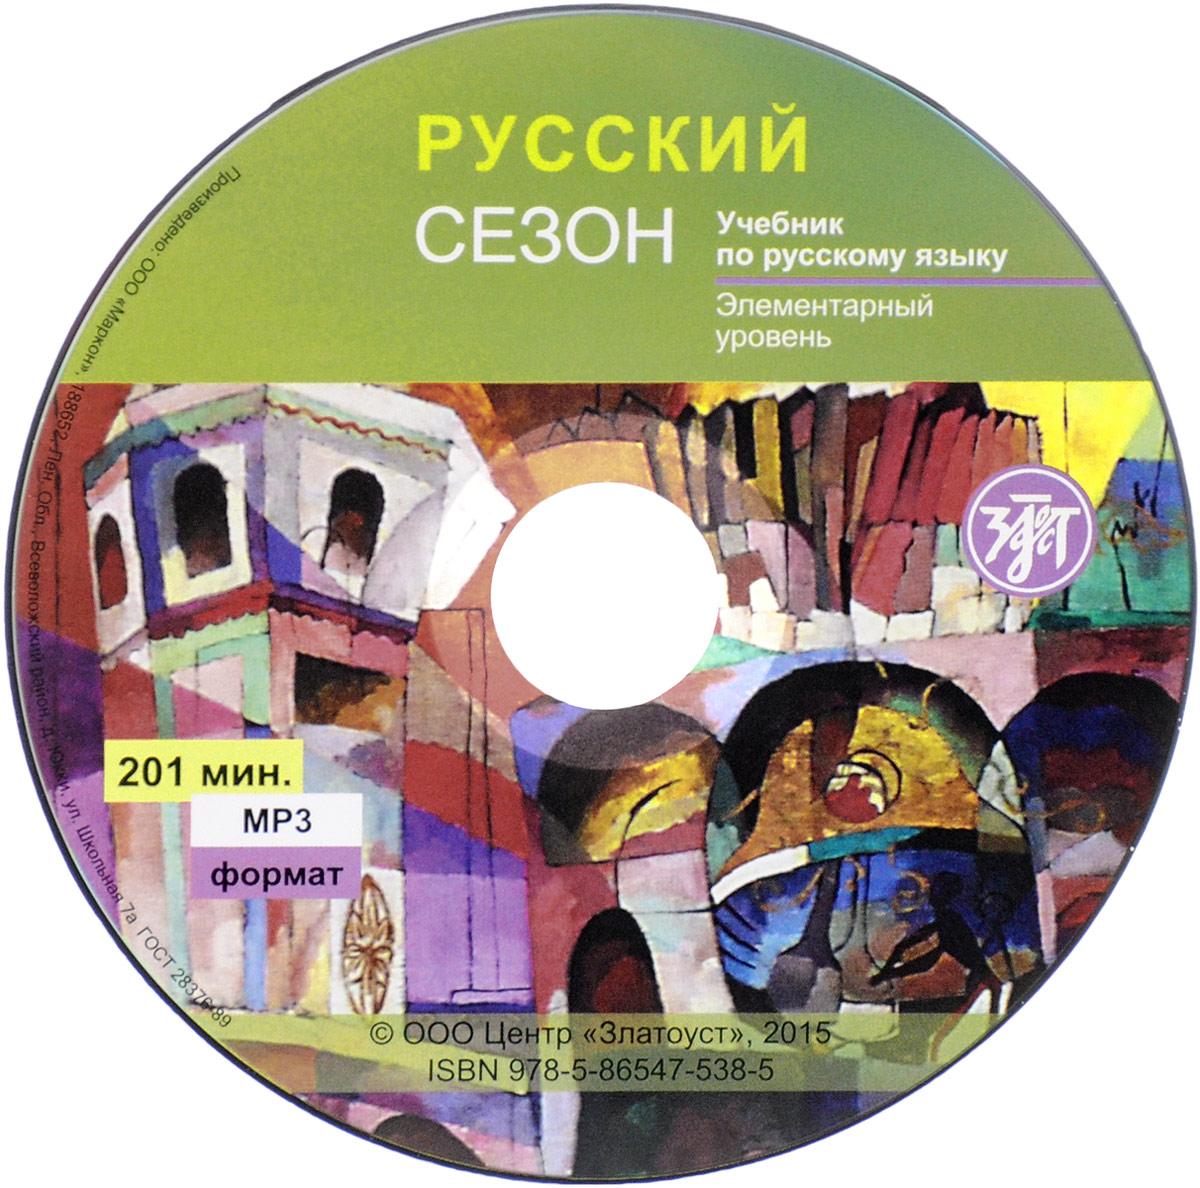 Русский язык. Русский сезон. Учебник. Элементарный уровень (аудиокнига MP3)